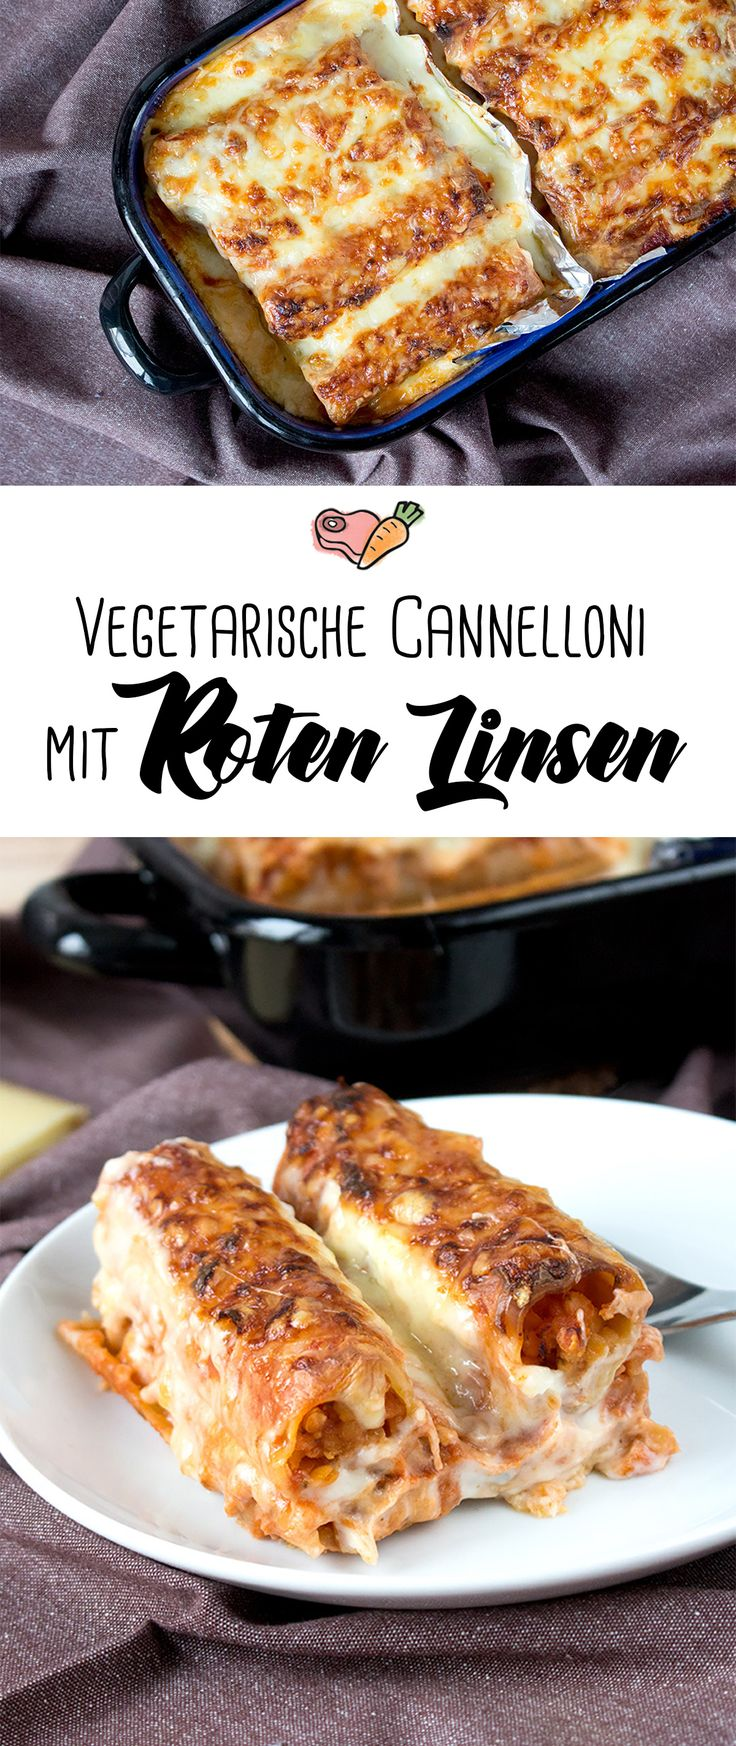 Kombi-Rezept mit & ohne Fleisch: Cannelloni vegetarisch mit roten Linsen oder klassisch mit Faschiertem